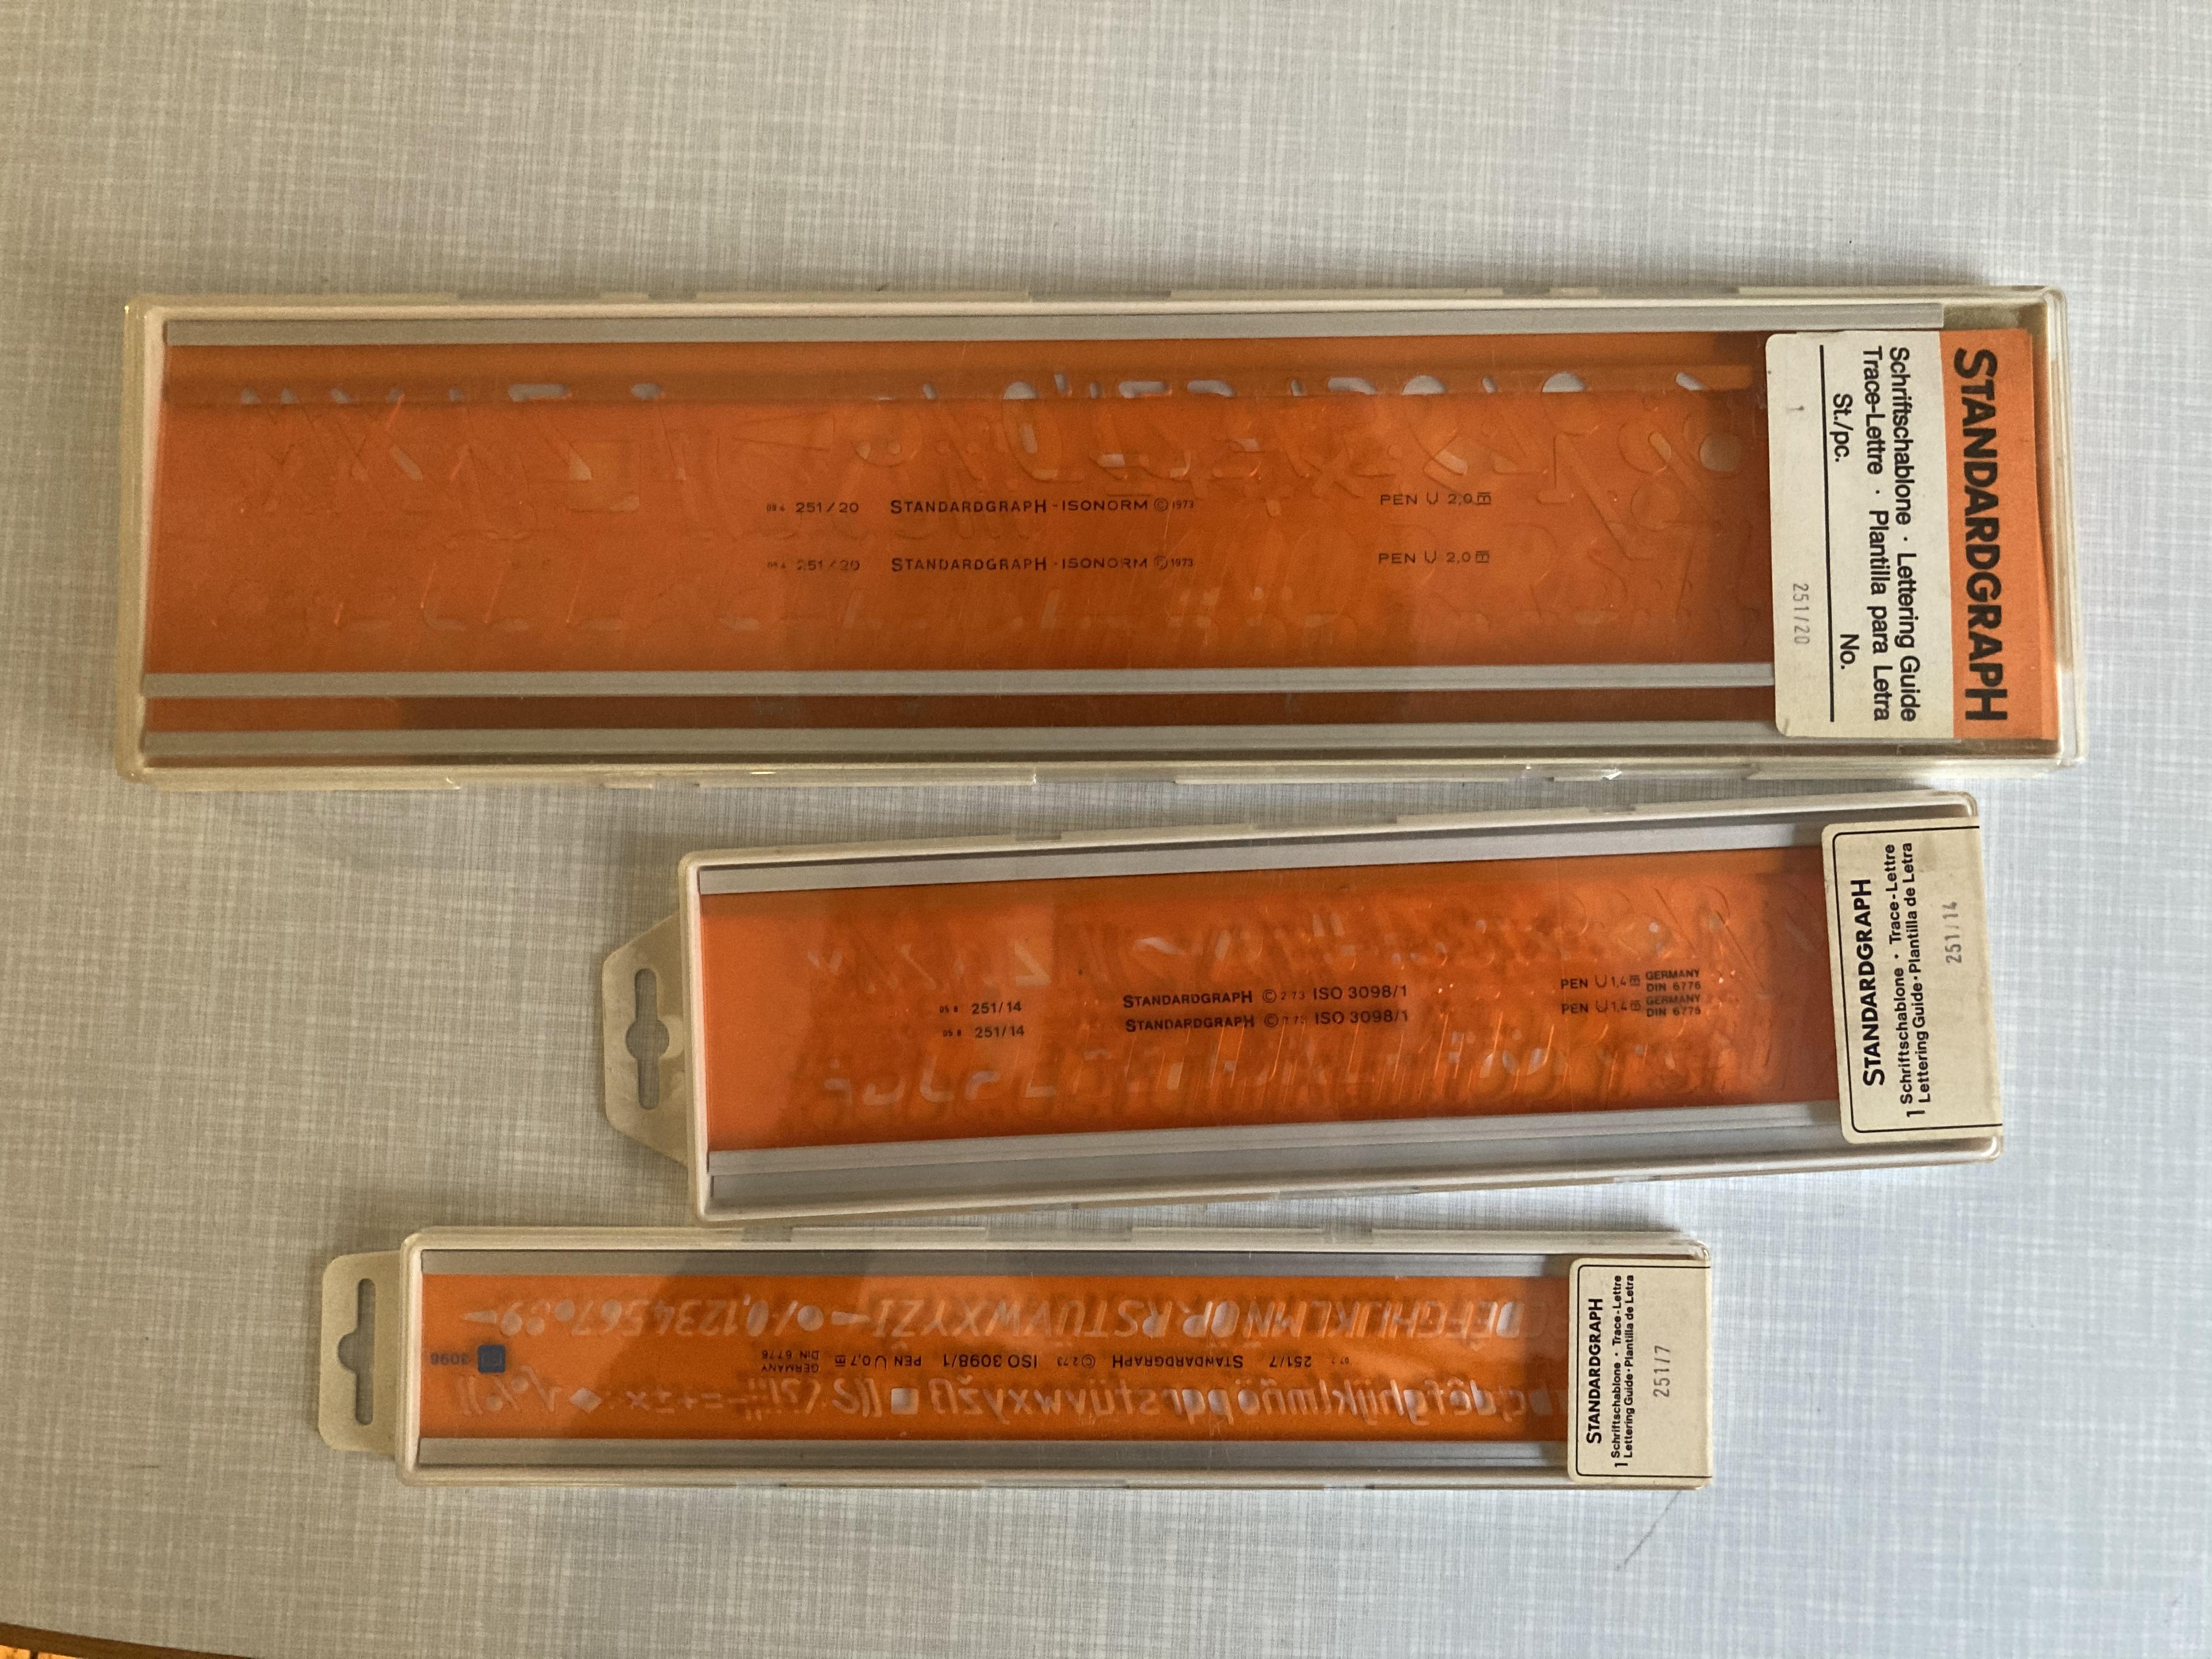 Standardgraph Zeichenschablonen  tauschen